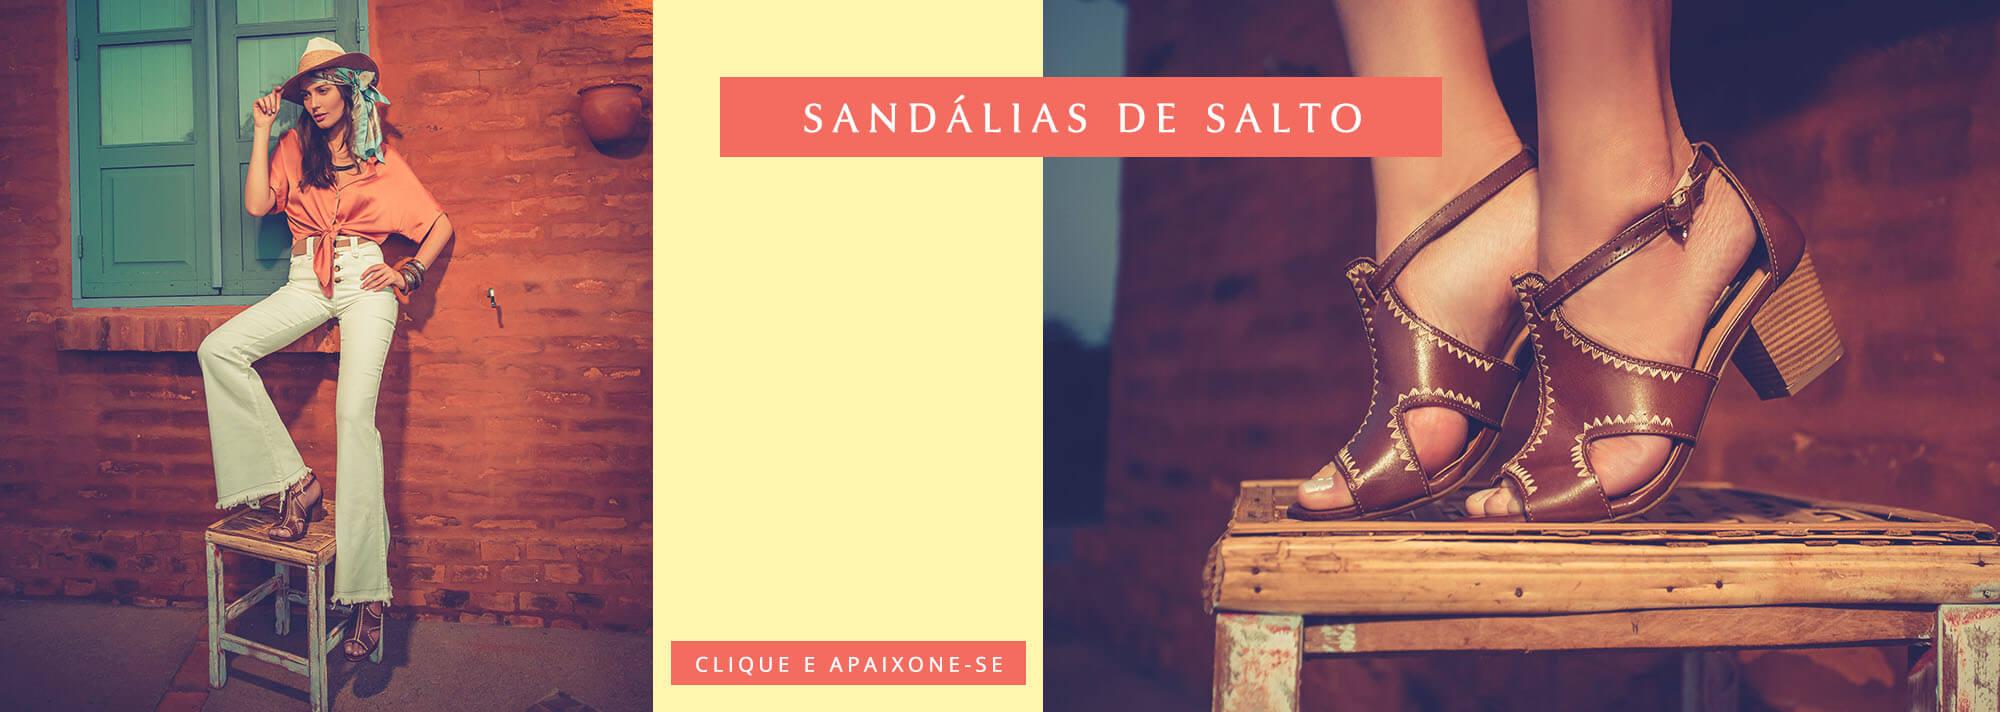 Full Banner - Verão 2020 - Salto